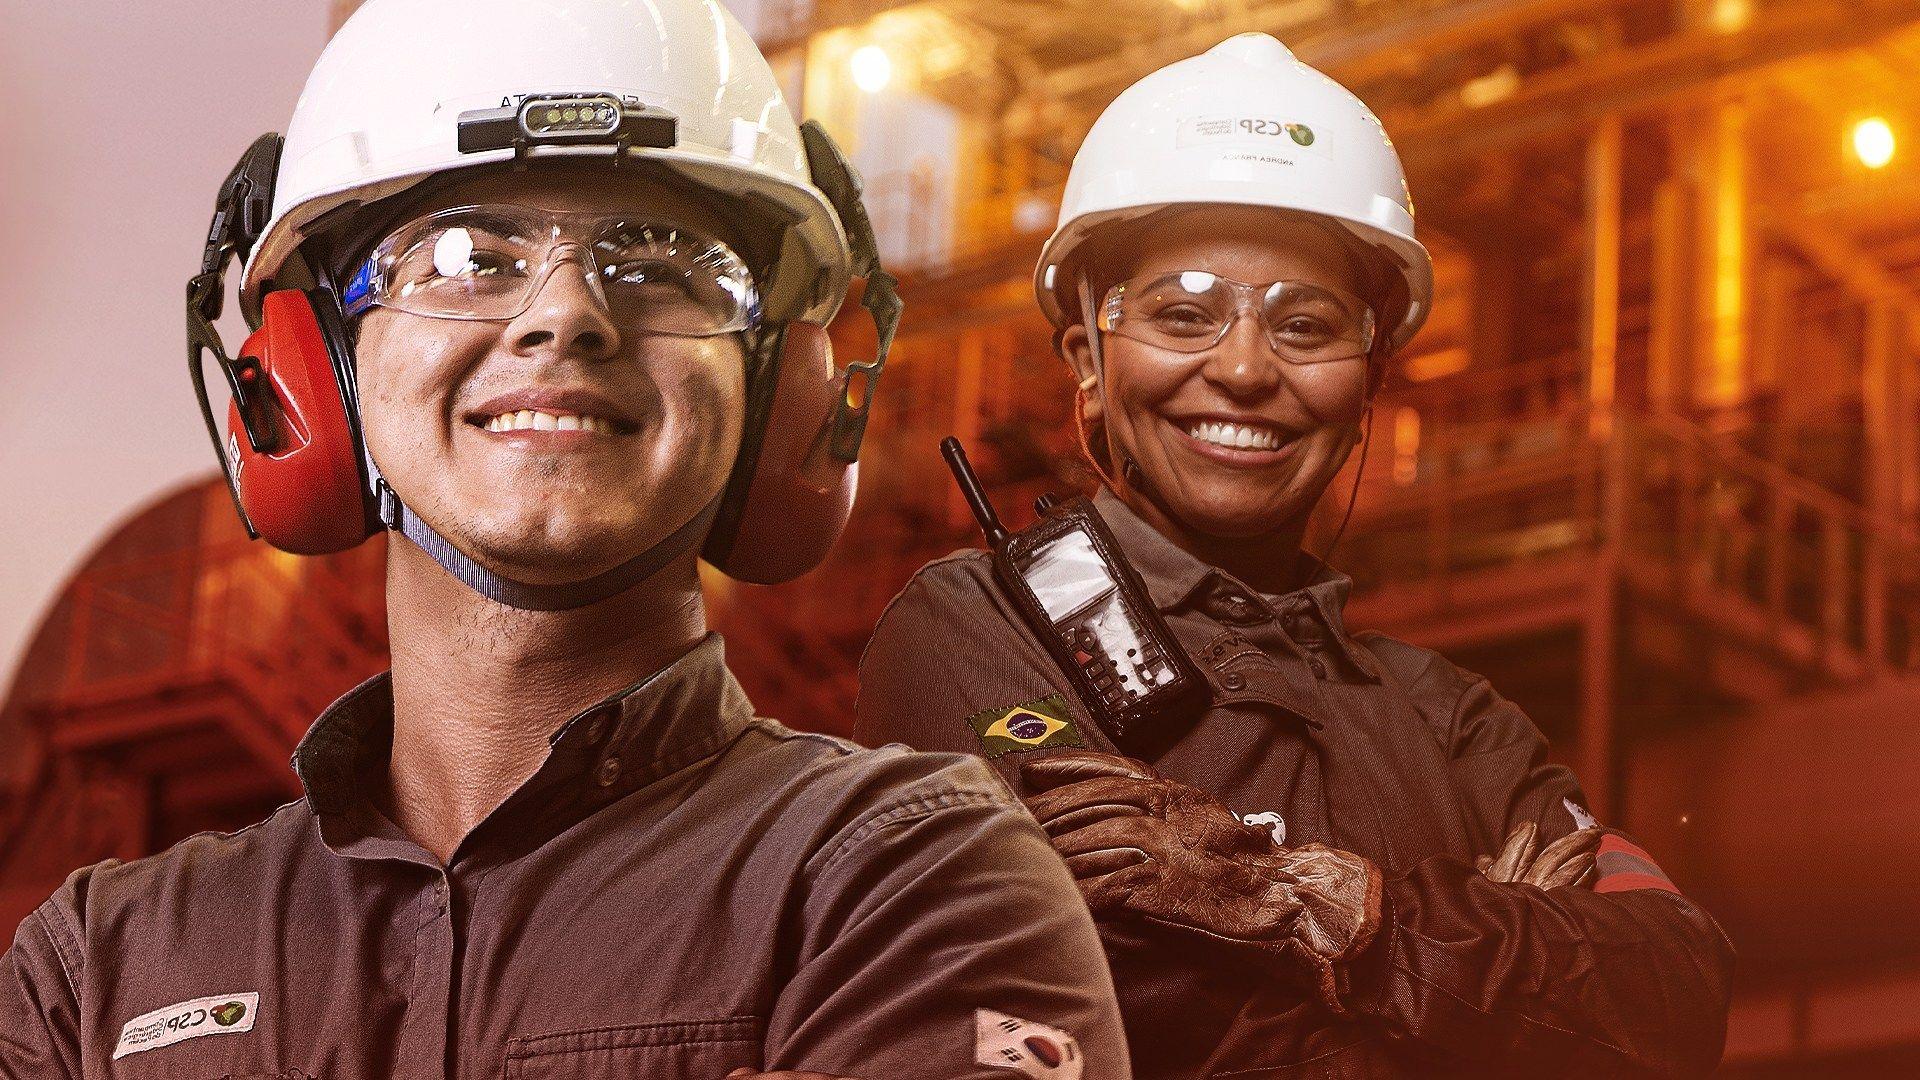 Companhia siderúrgica do Pecém vagas de emprego no Ceará